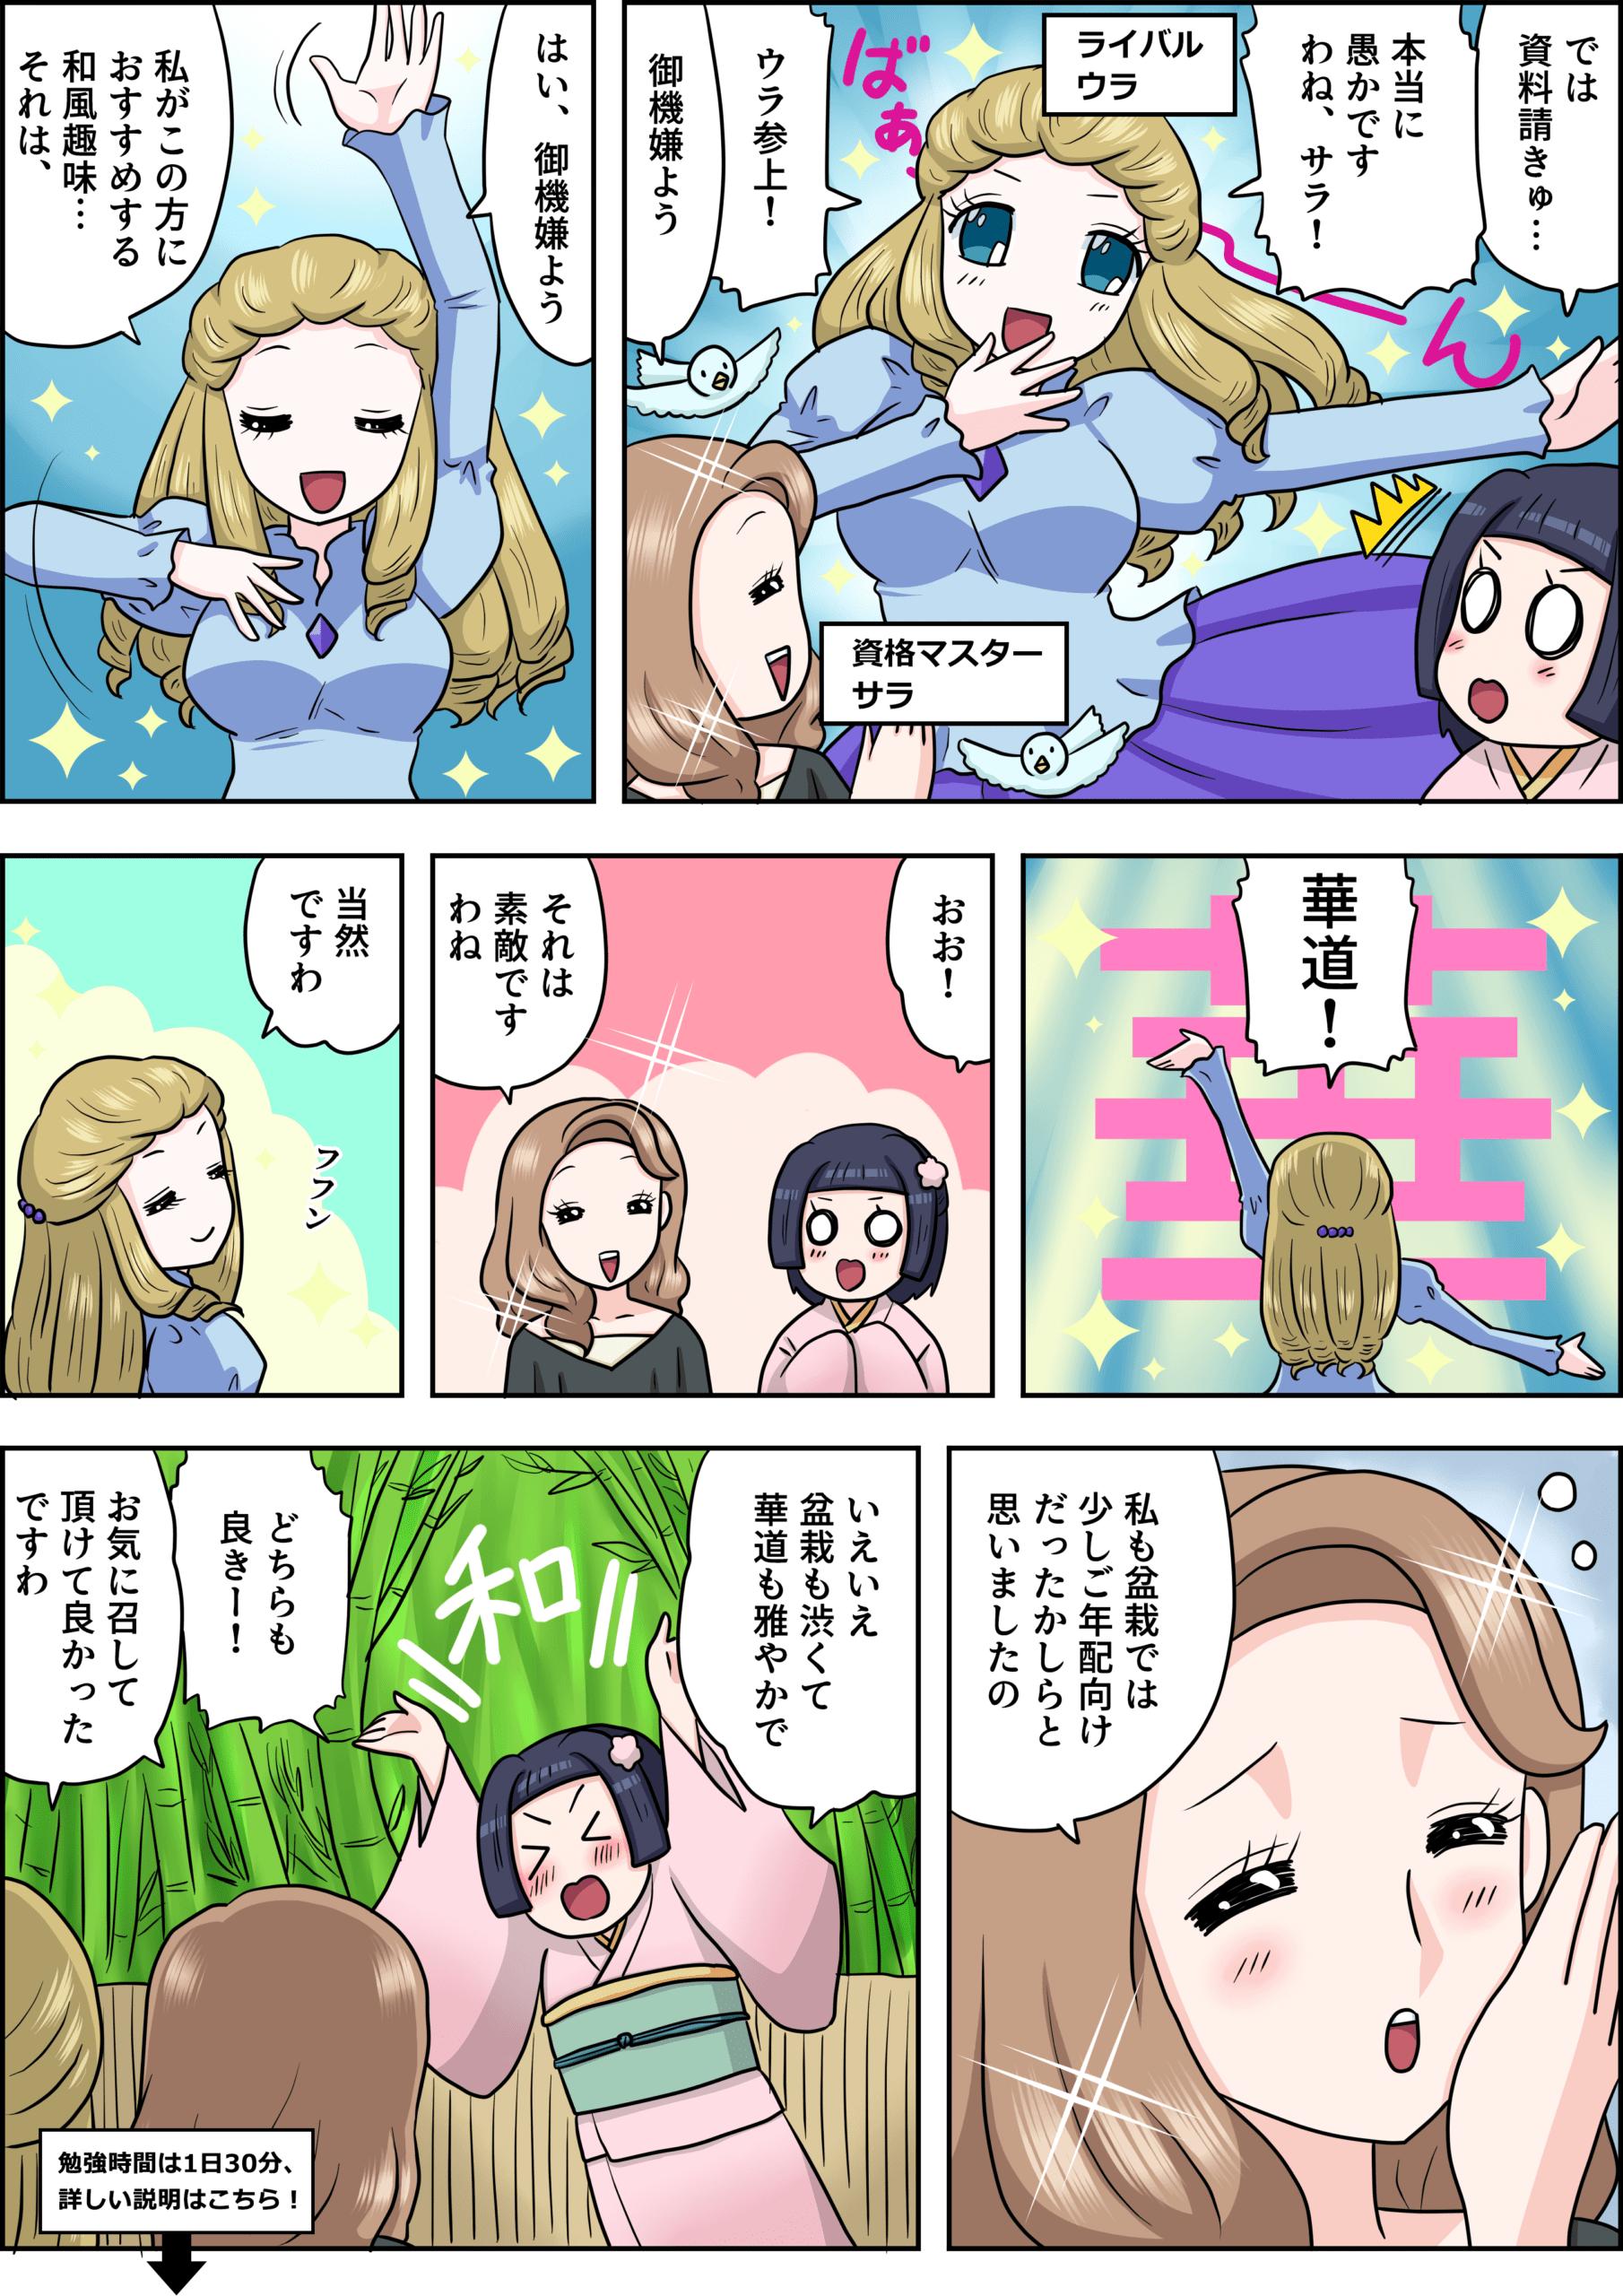 華道の漫画